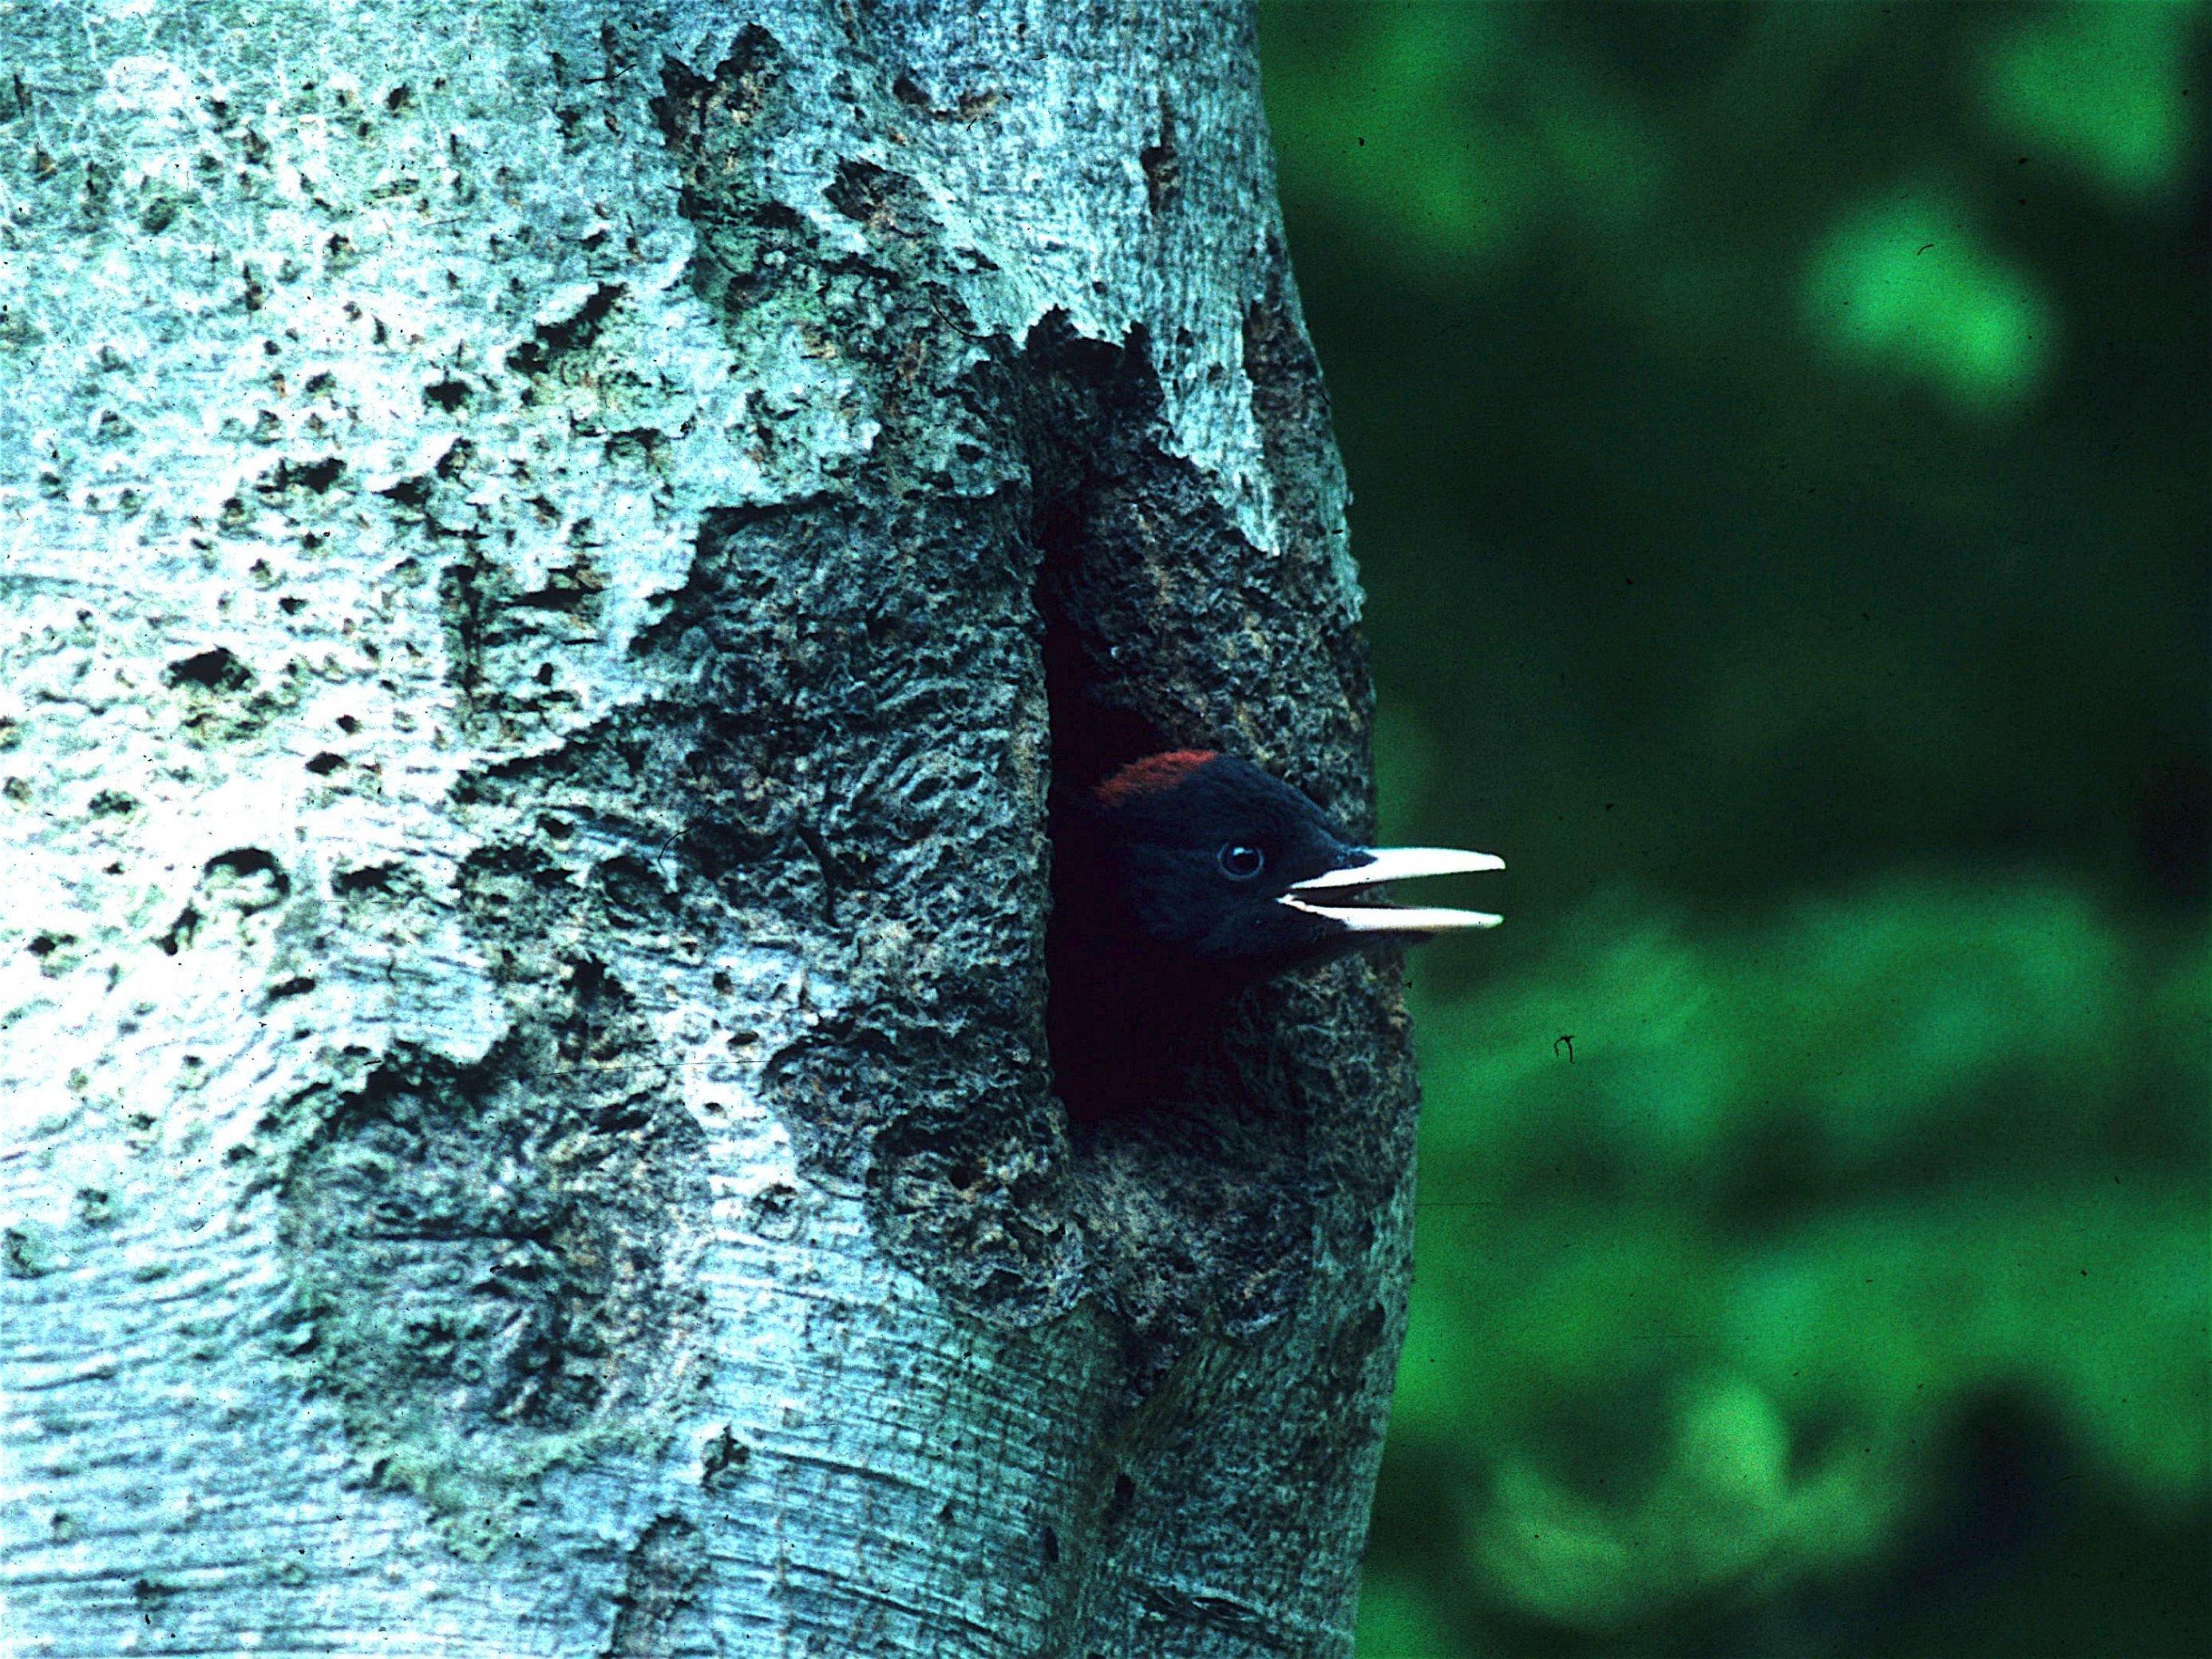 Schwarzspecht-Jungvogel guckt aus Baumhöhle heraus.